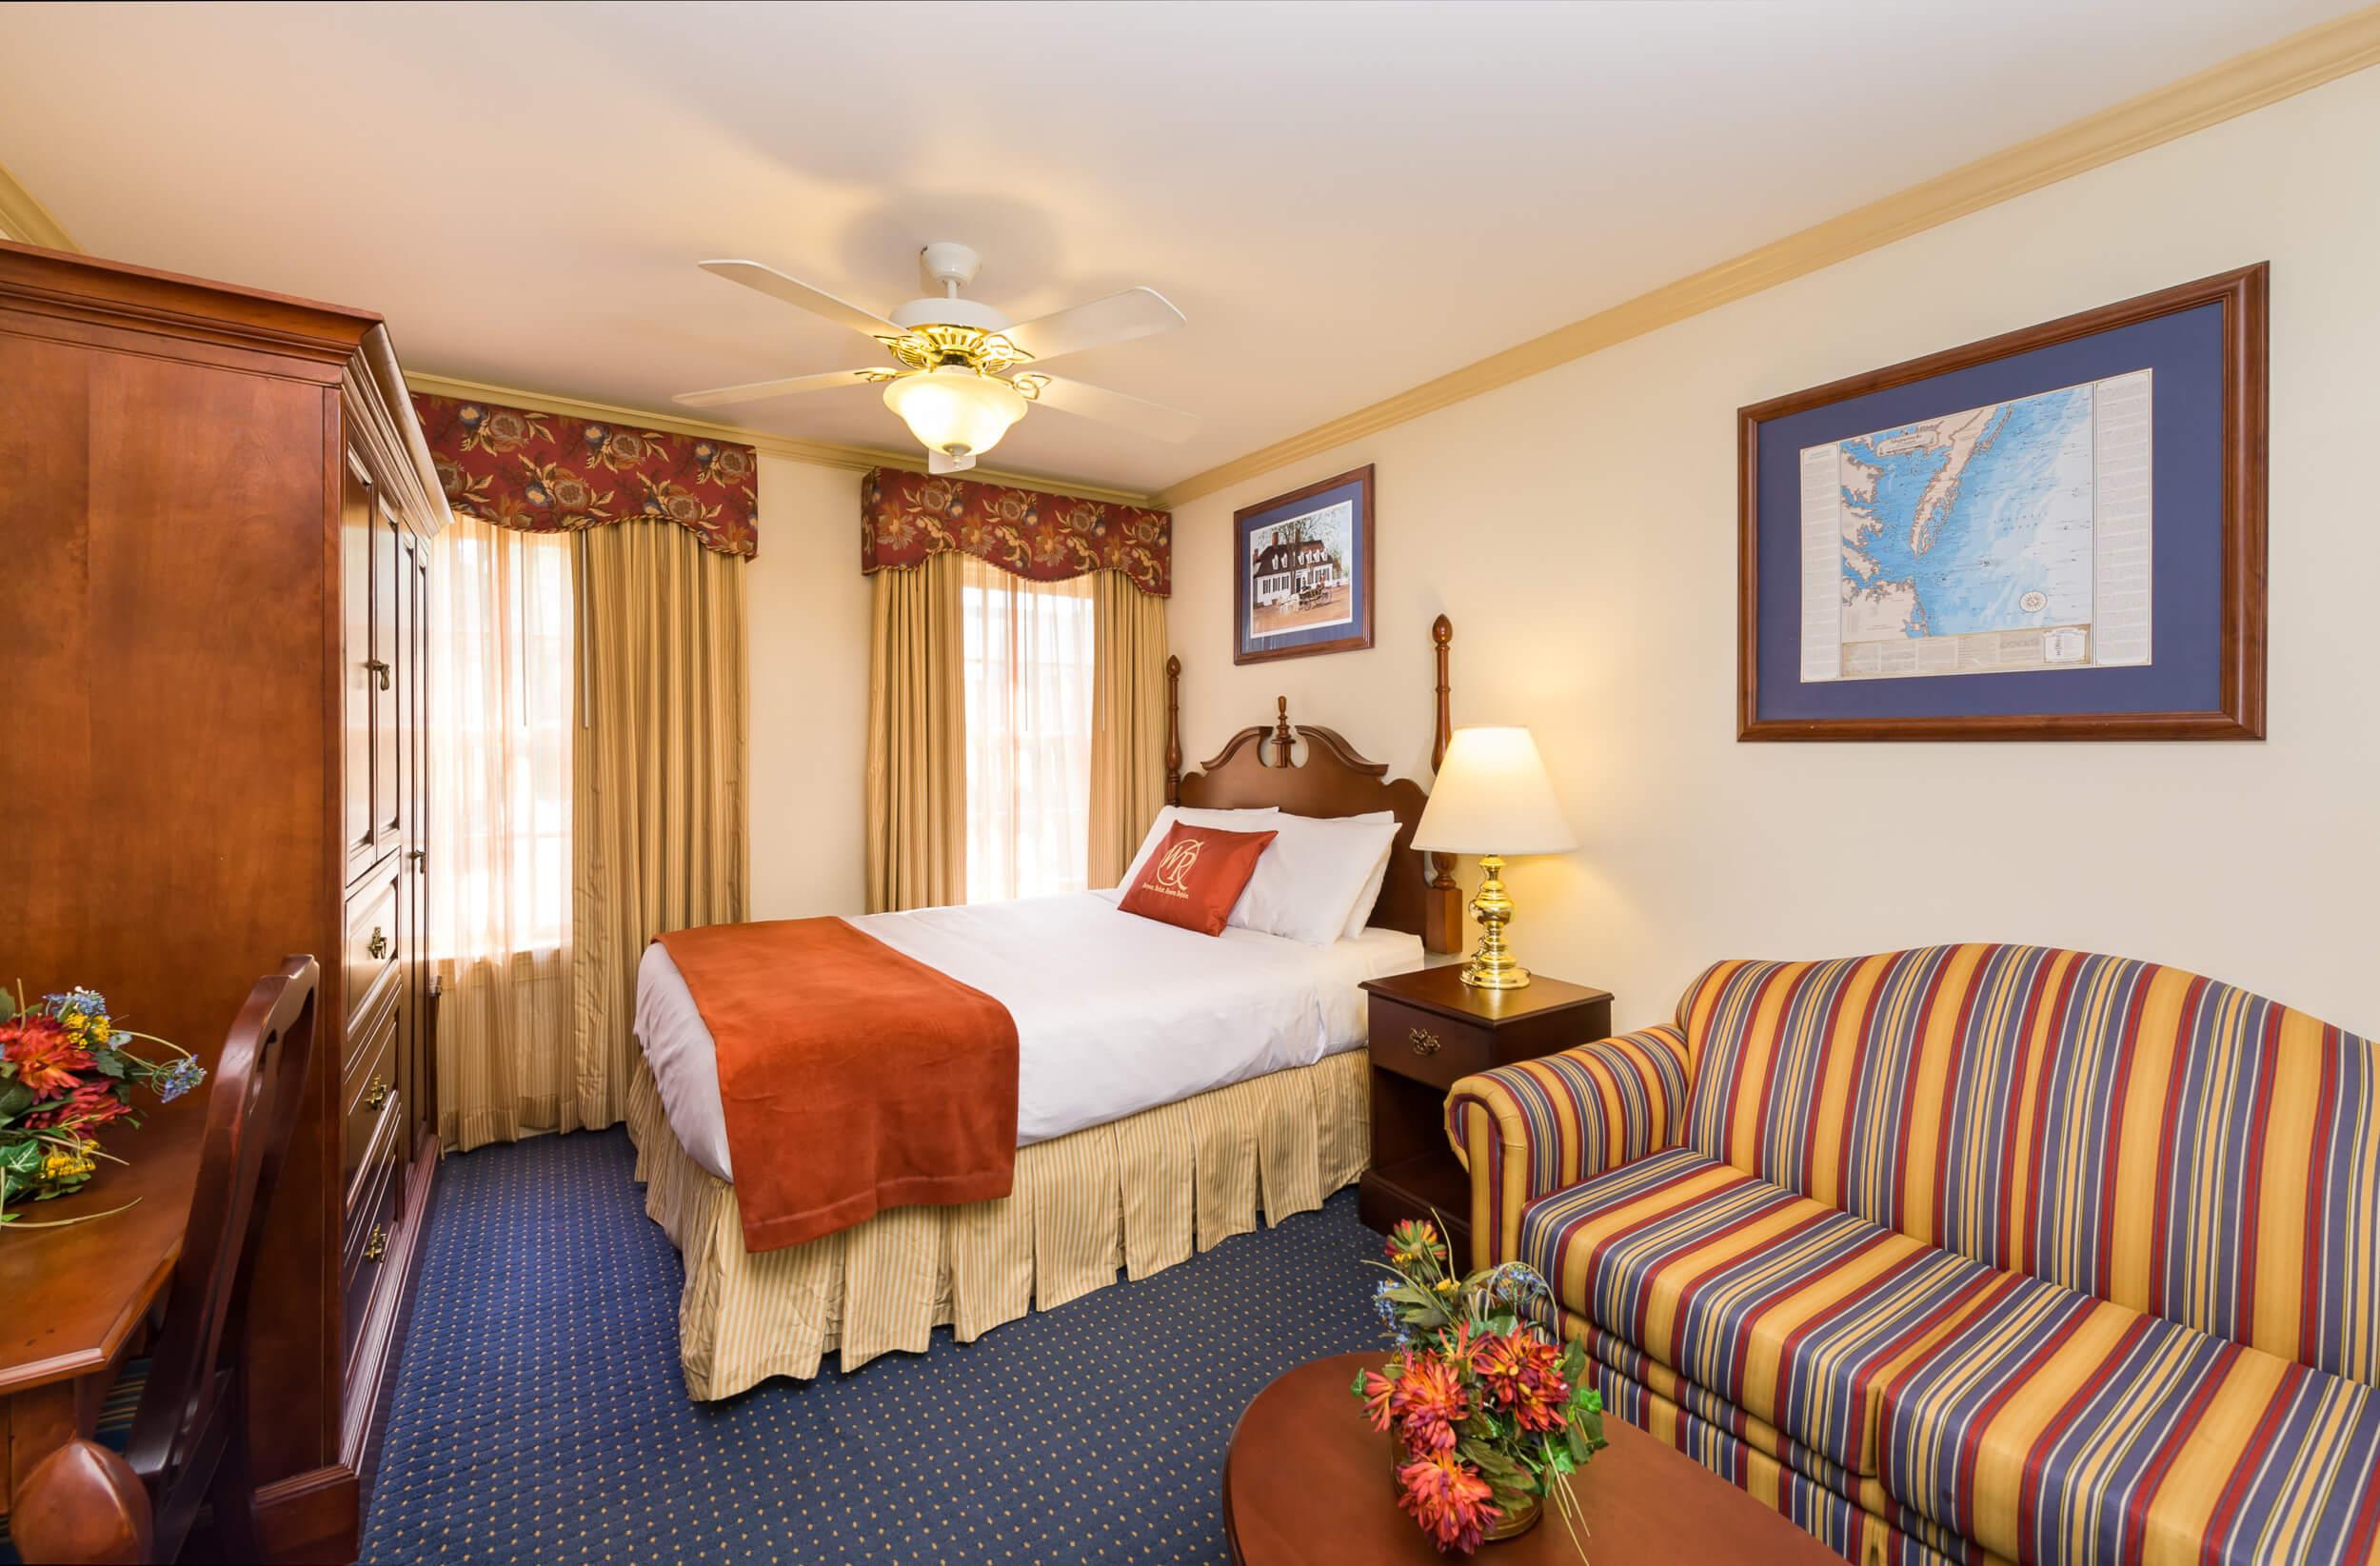 Studio at our resorts in Williamsburg VA | Westgate Historic Williamsburg Resort | Westgate Resorts